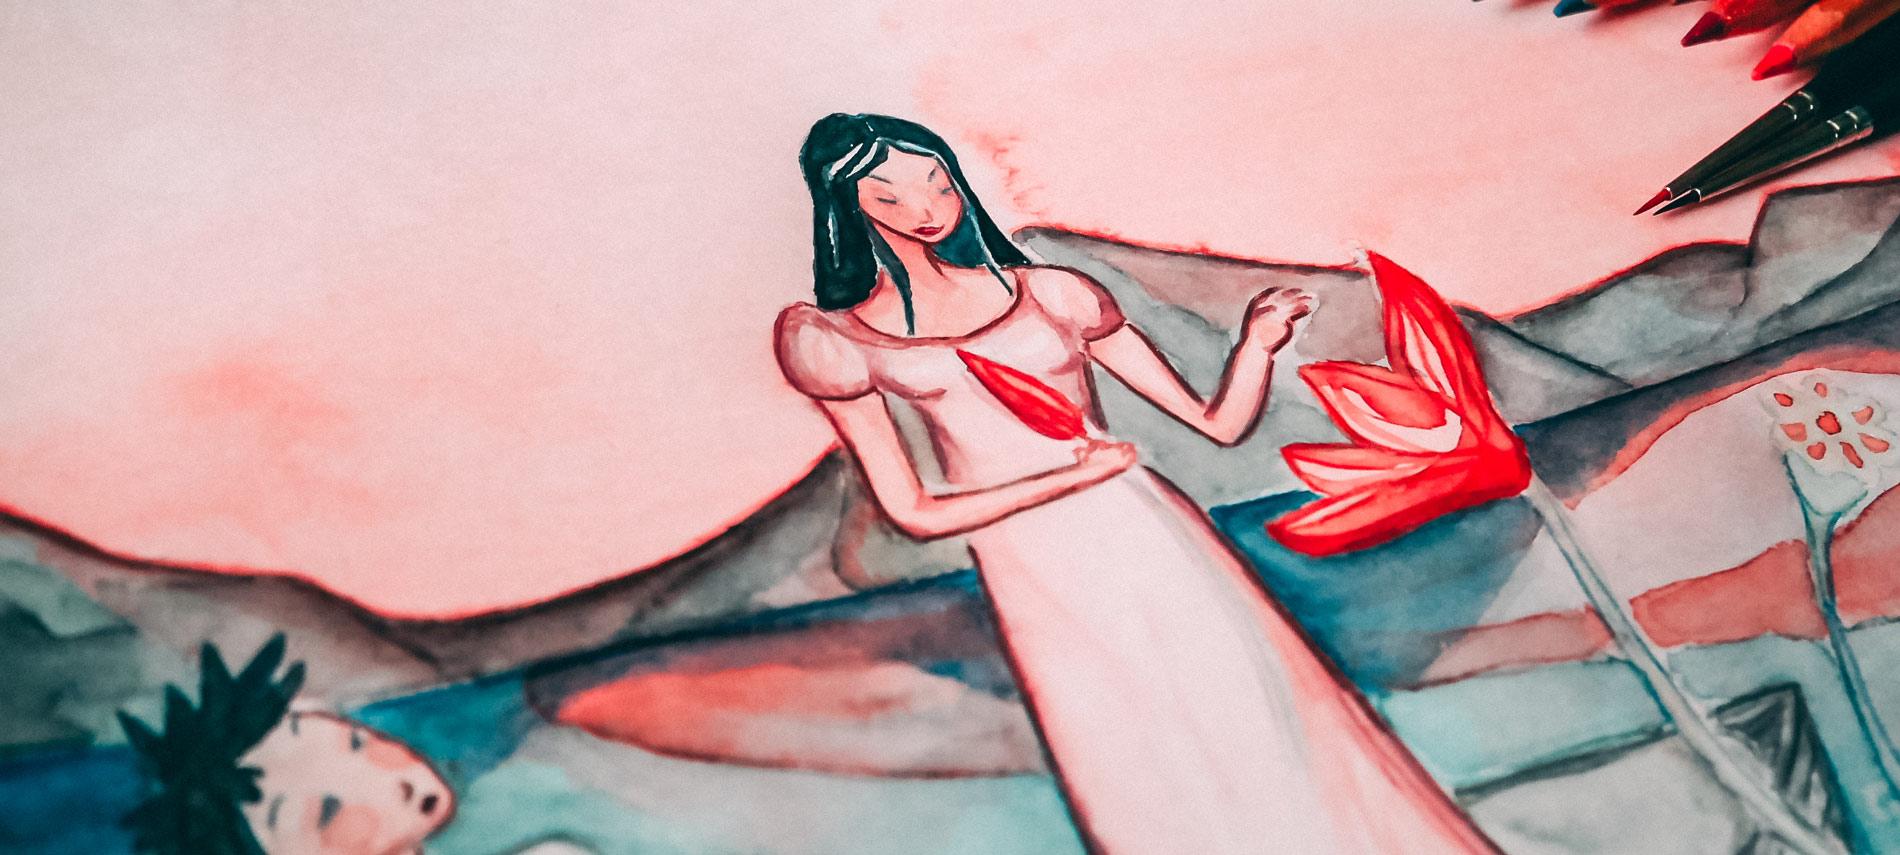 Le lac aux lotus, Illustration Maïm Garnier. Davantage à découvrir sur Sansible. #sansible #MaimGarnier #aquarelle, #illustration #lotus